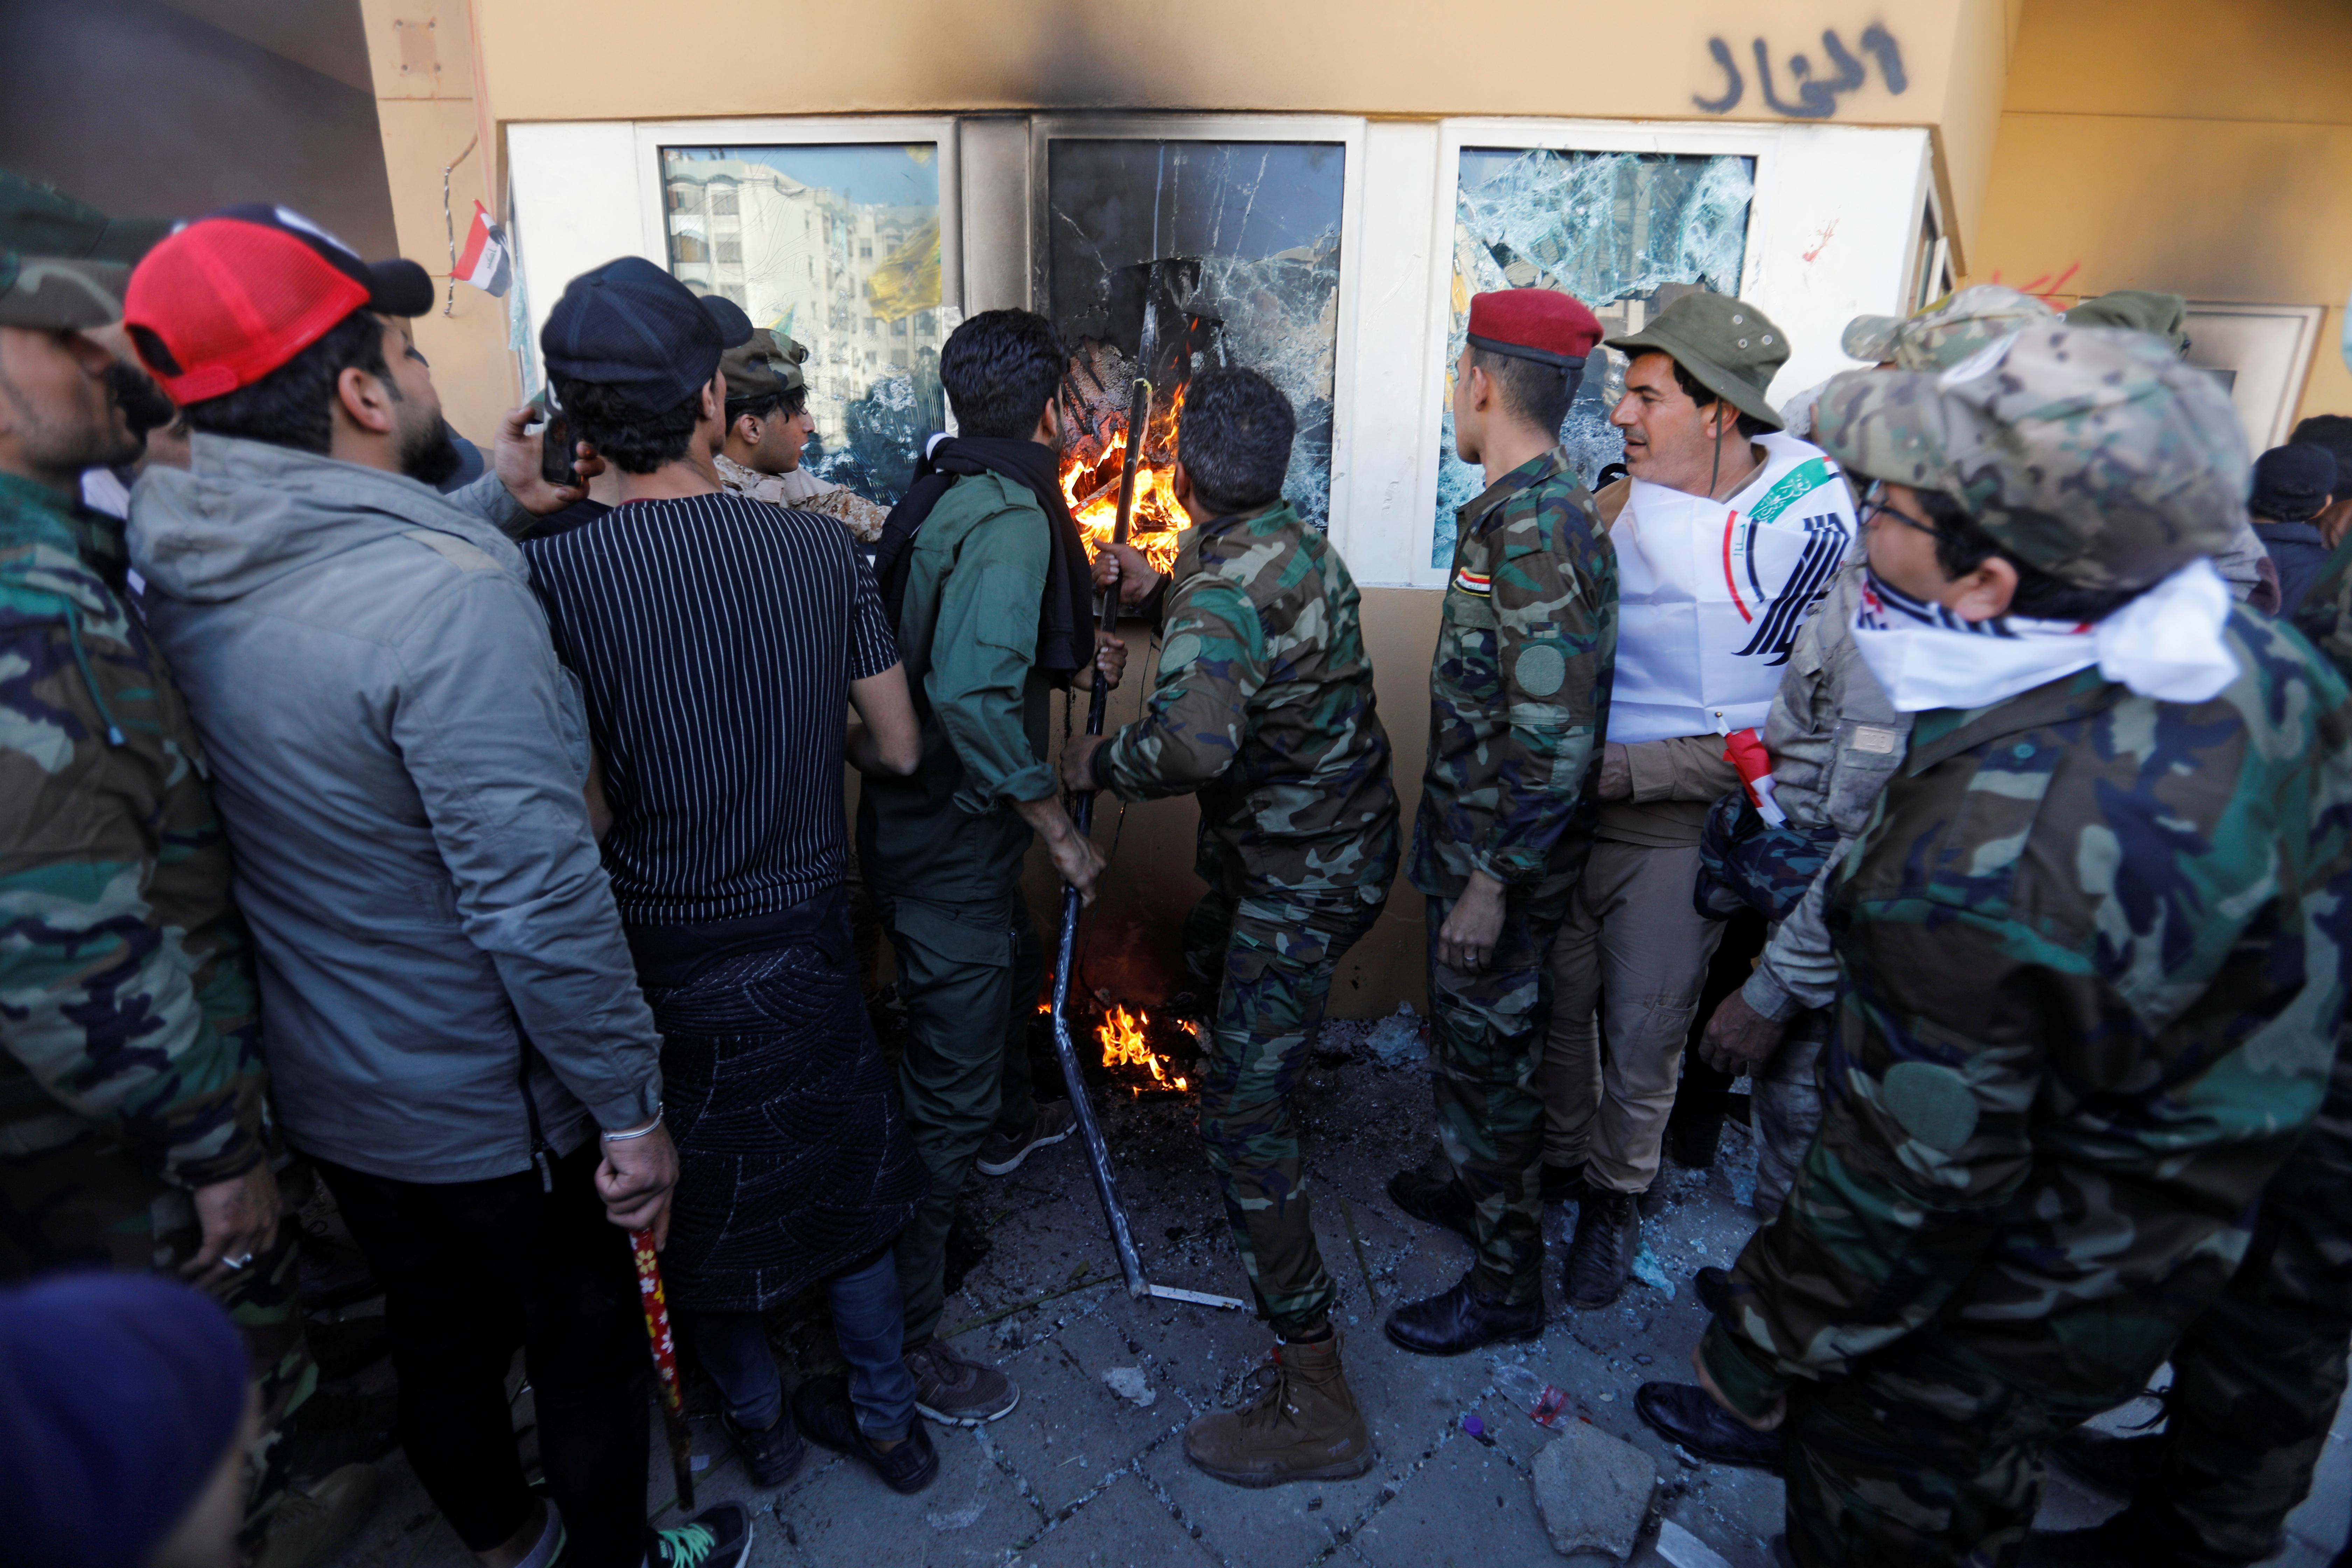 Los fanáticos del grupo terrorista Hezbollah tratan de abrir un huevo en los vidrios de la embajada para provocar un incendio en el interior